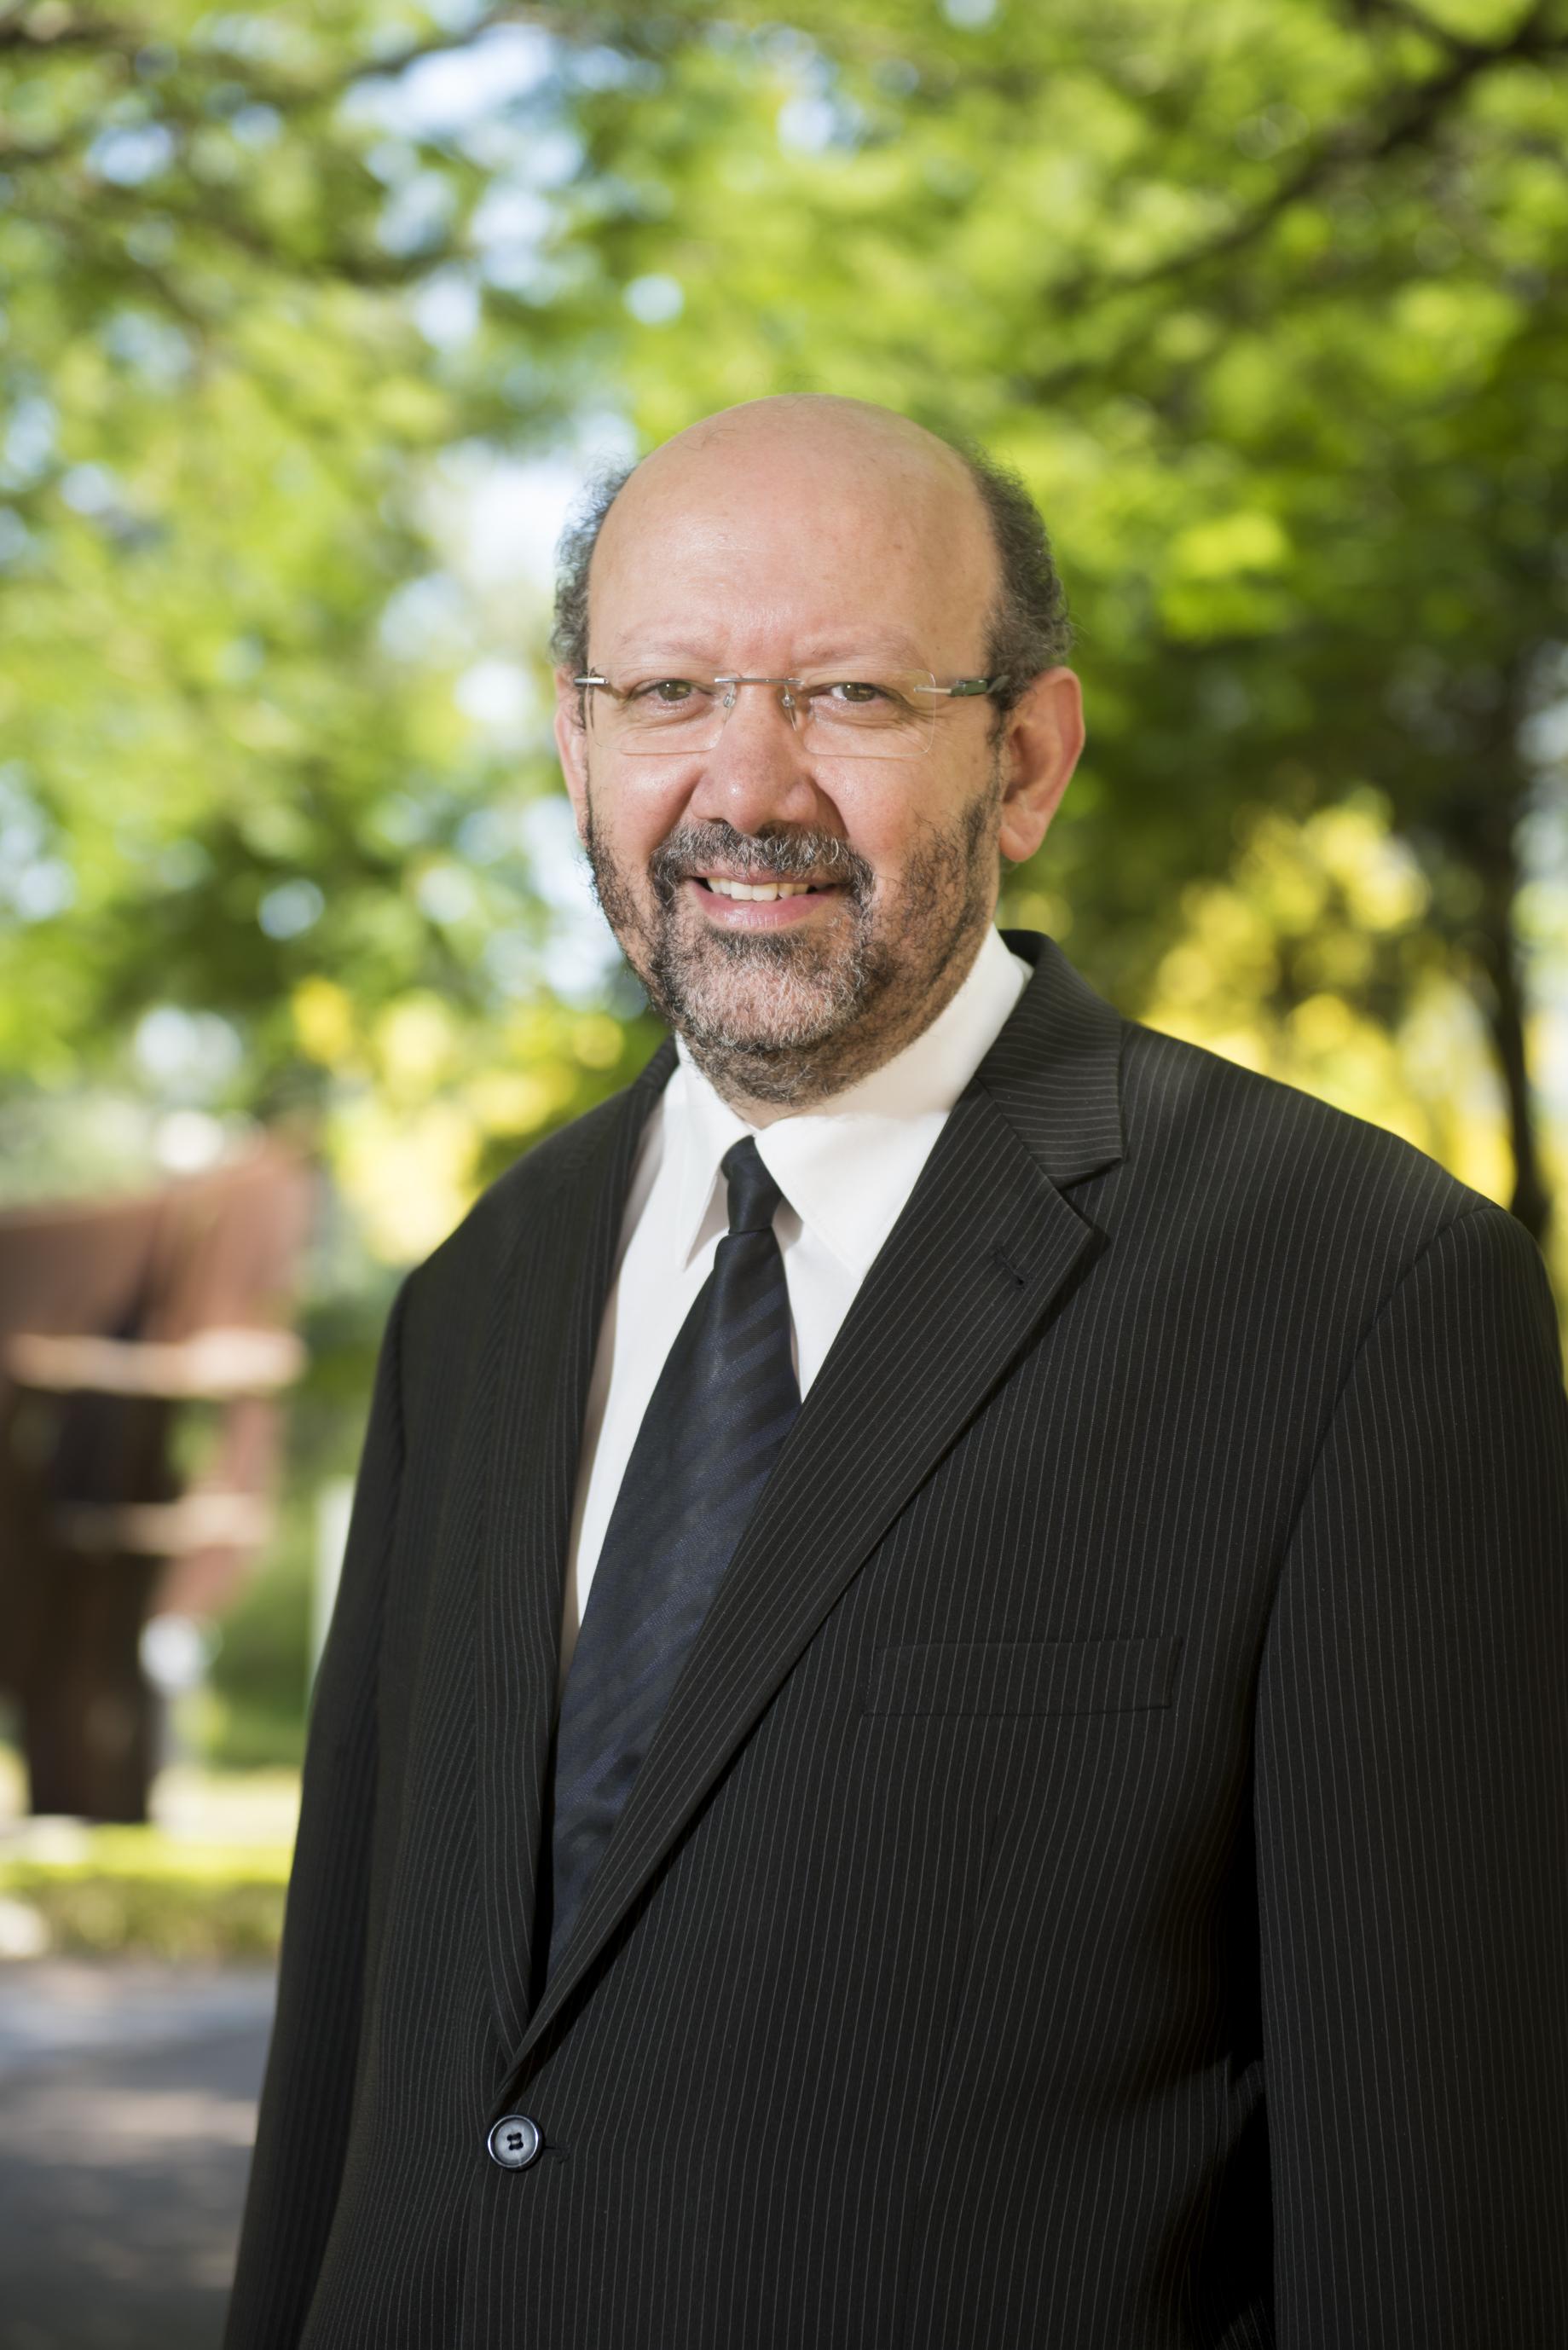 Draiton Gonzaga de Souza, decano da Escola de Humanidades